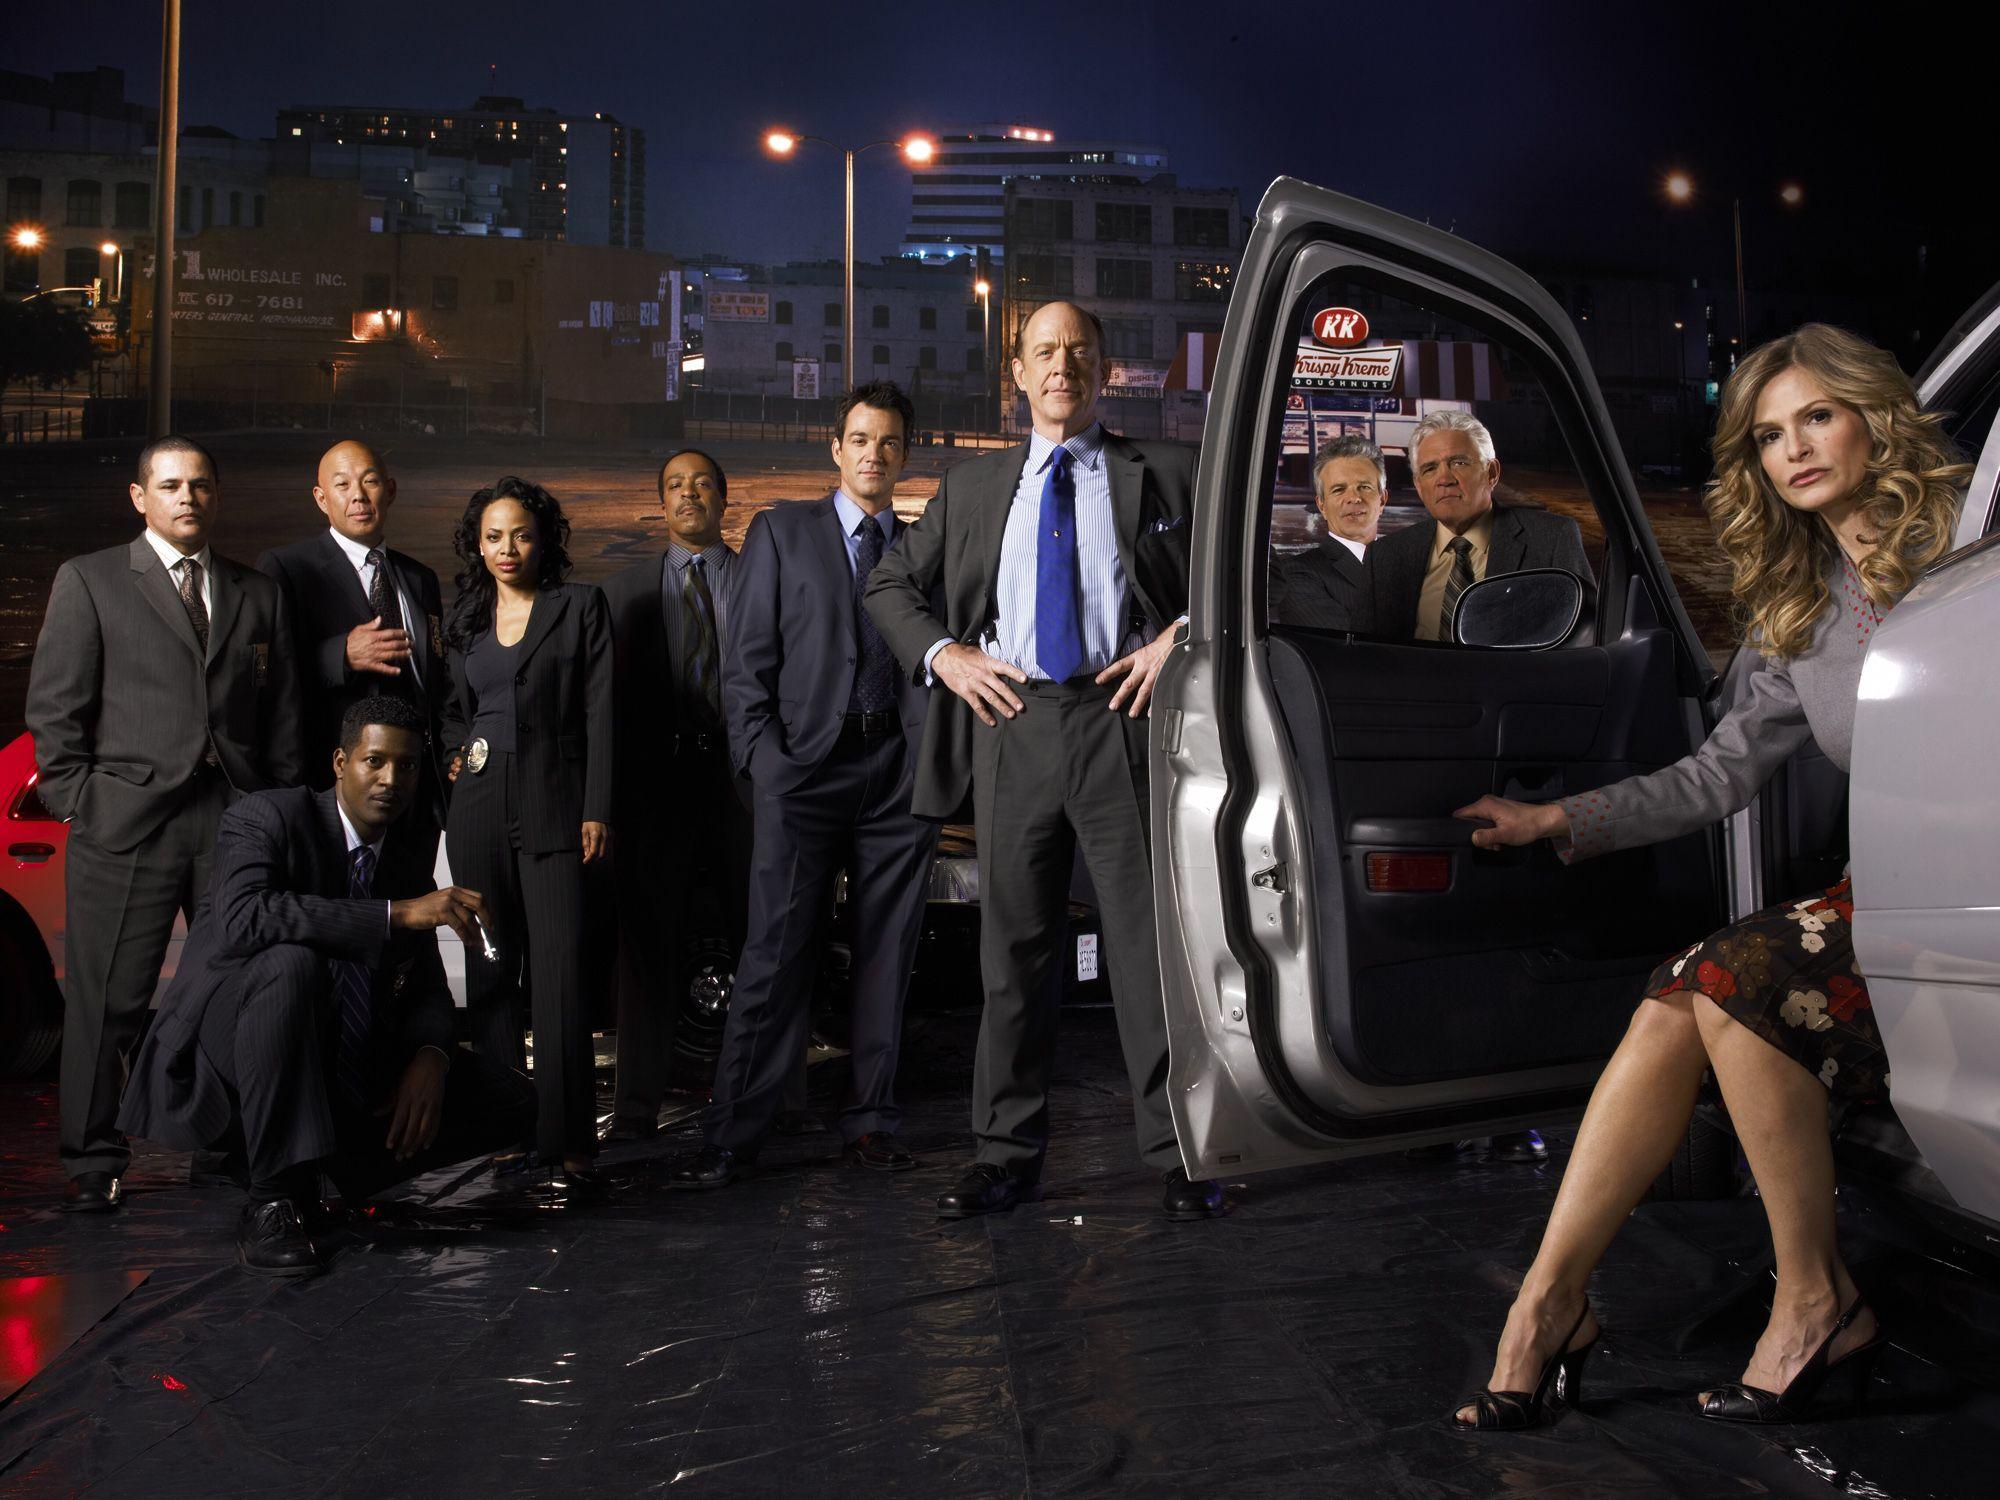 The Closer - Season 2 Promo